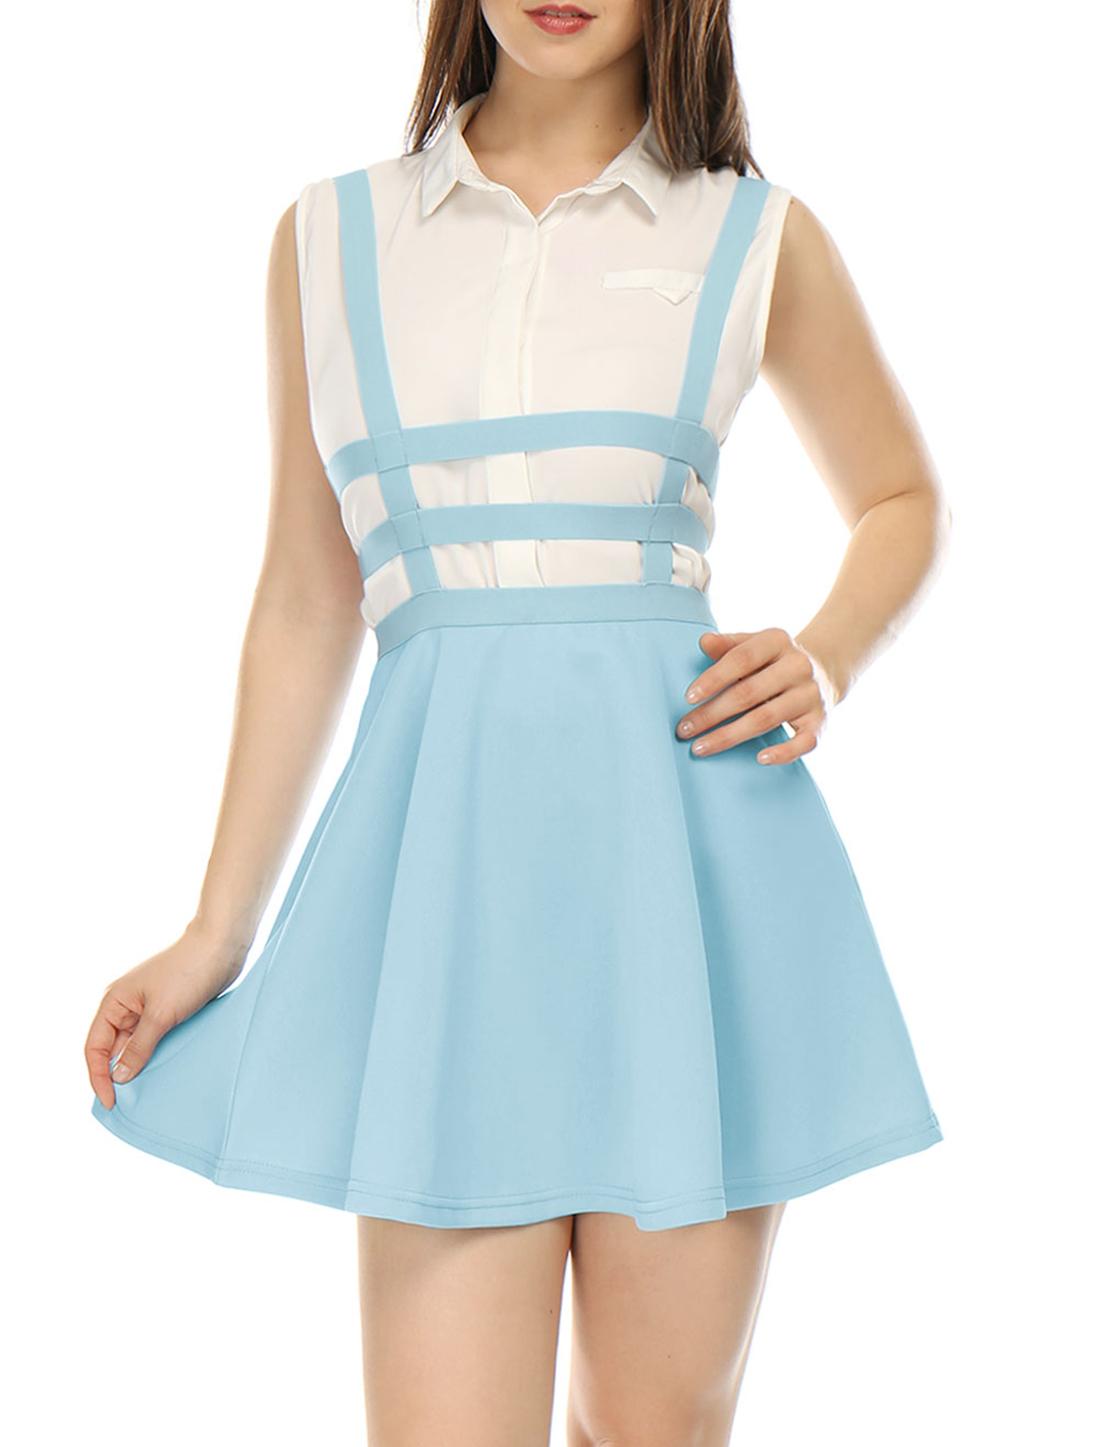 Women Elastic Waist Cut Out A Line Suspender Skirt Light Blue S